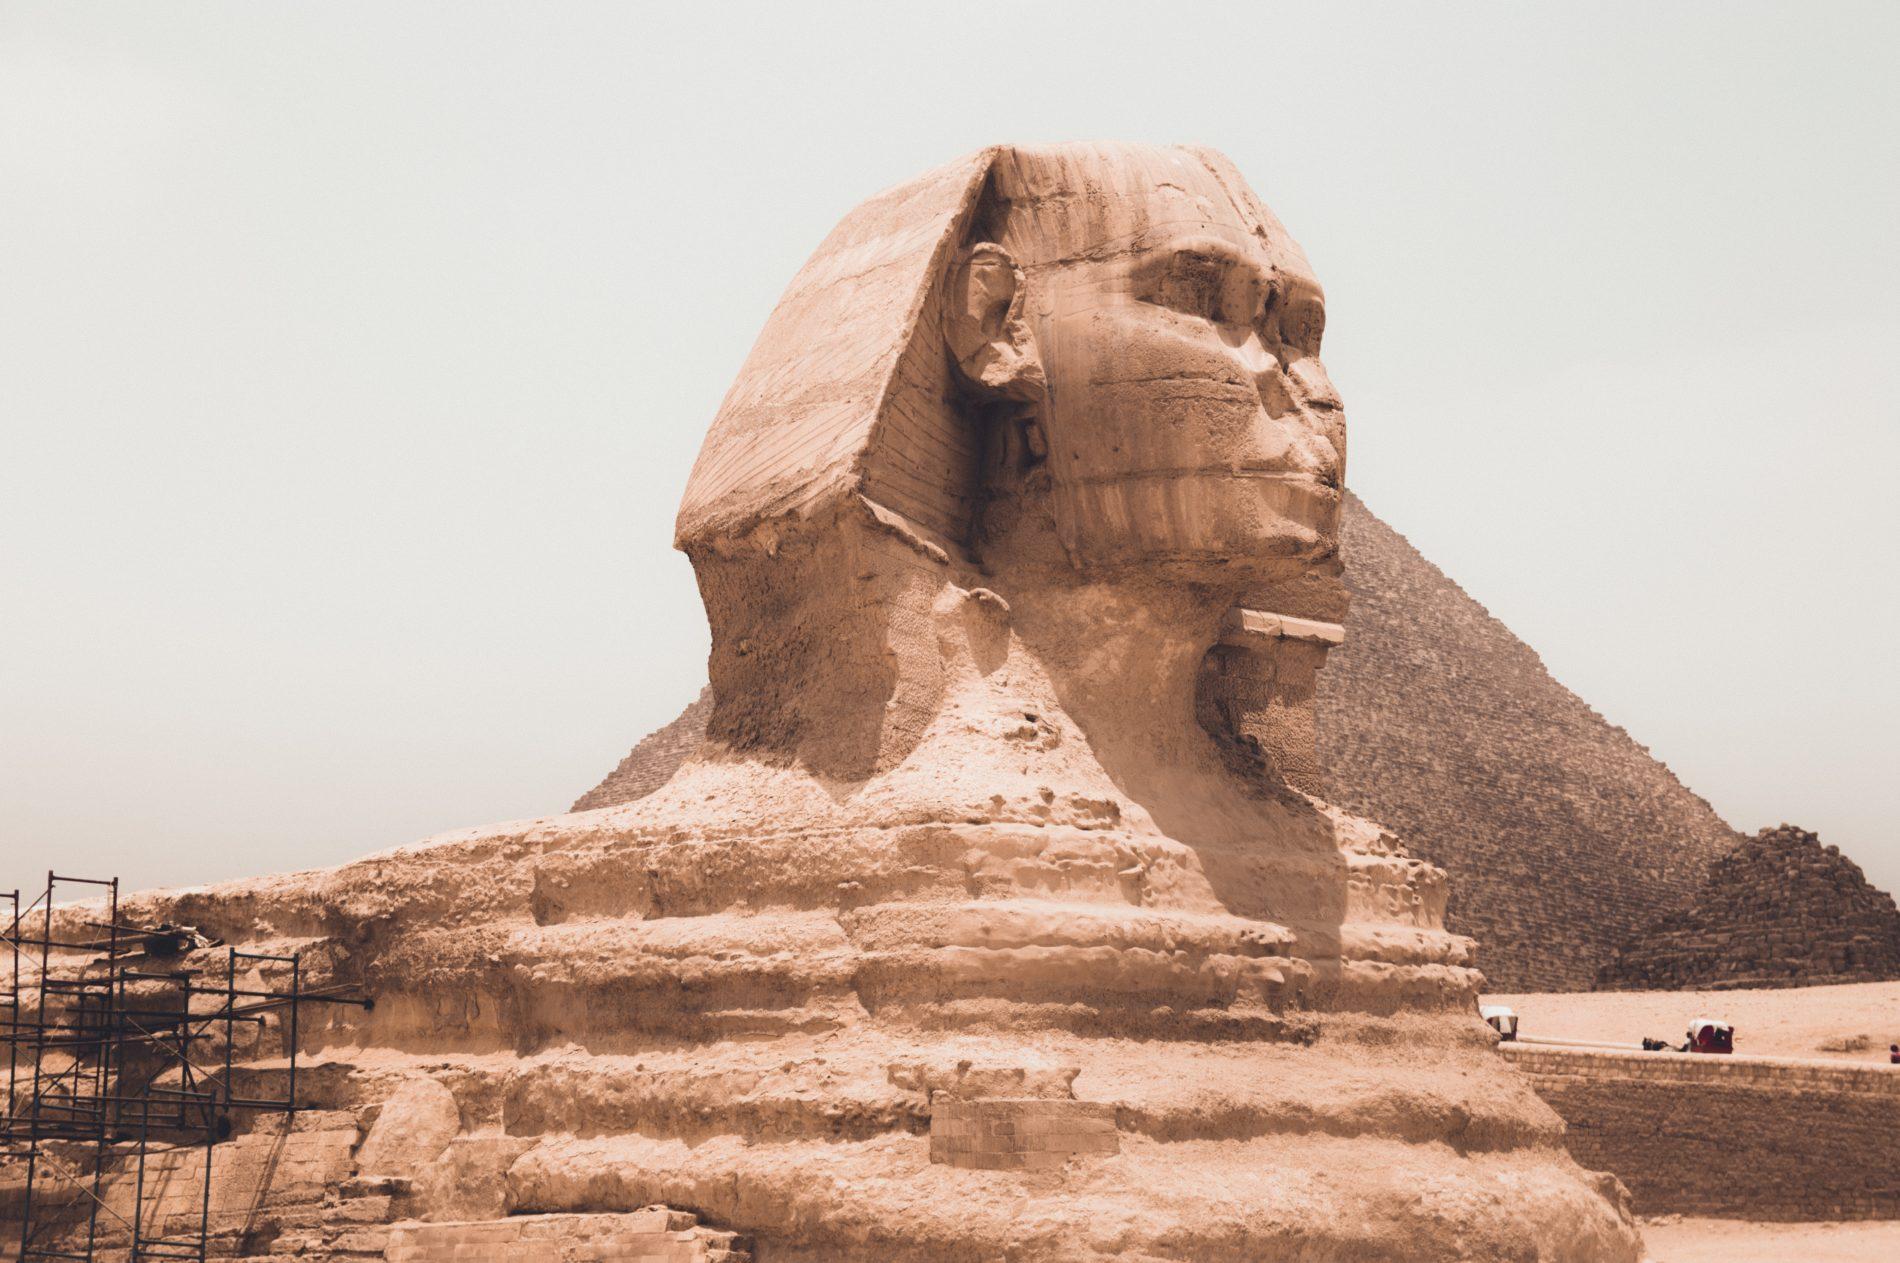 adrian dascal GXIr uawluA unsplash 1900x1263 - Туры в Египет: новые вылеты и доступные цены